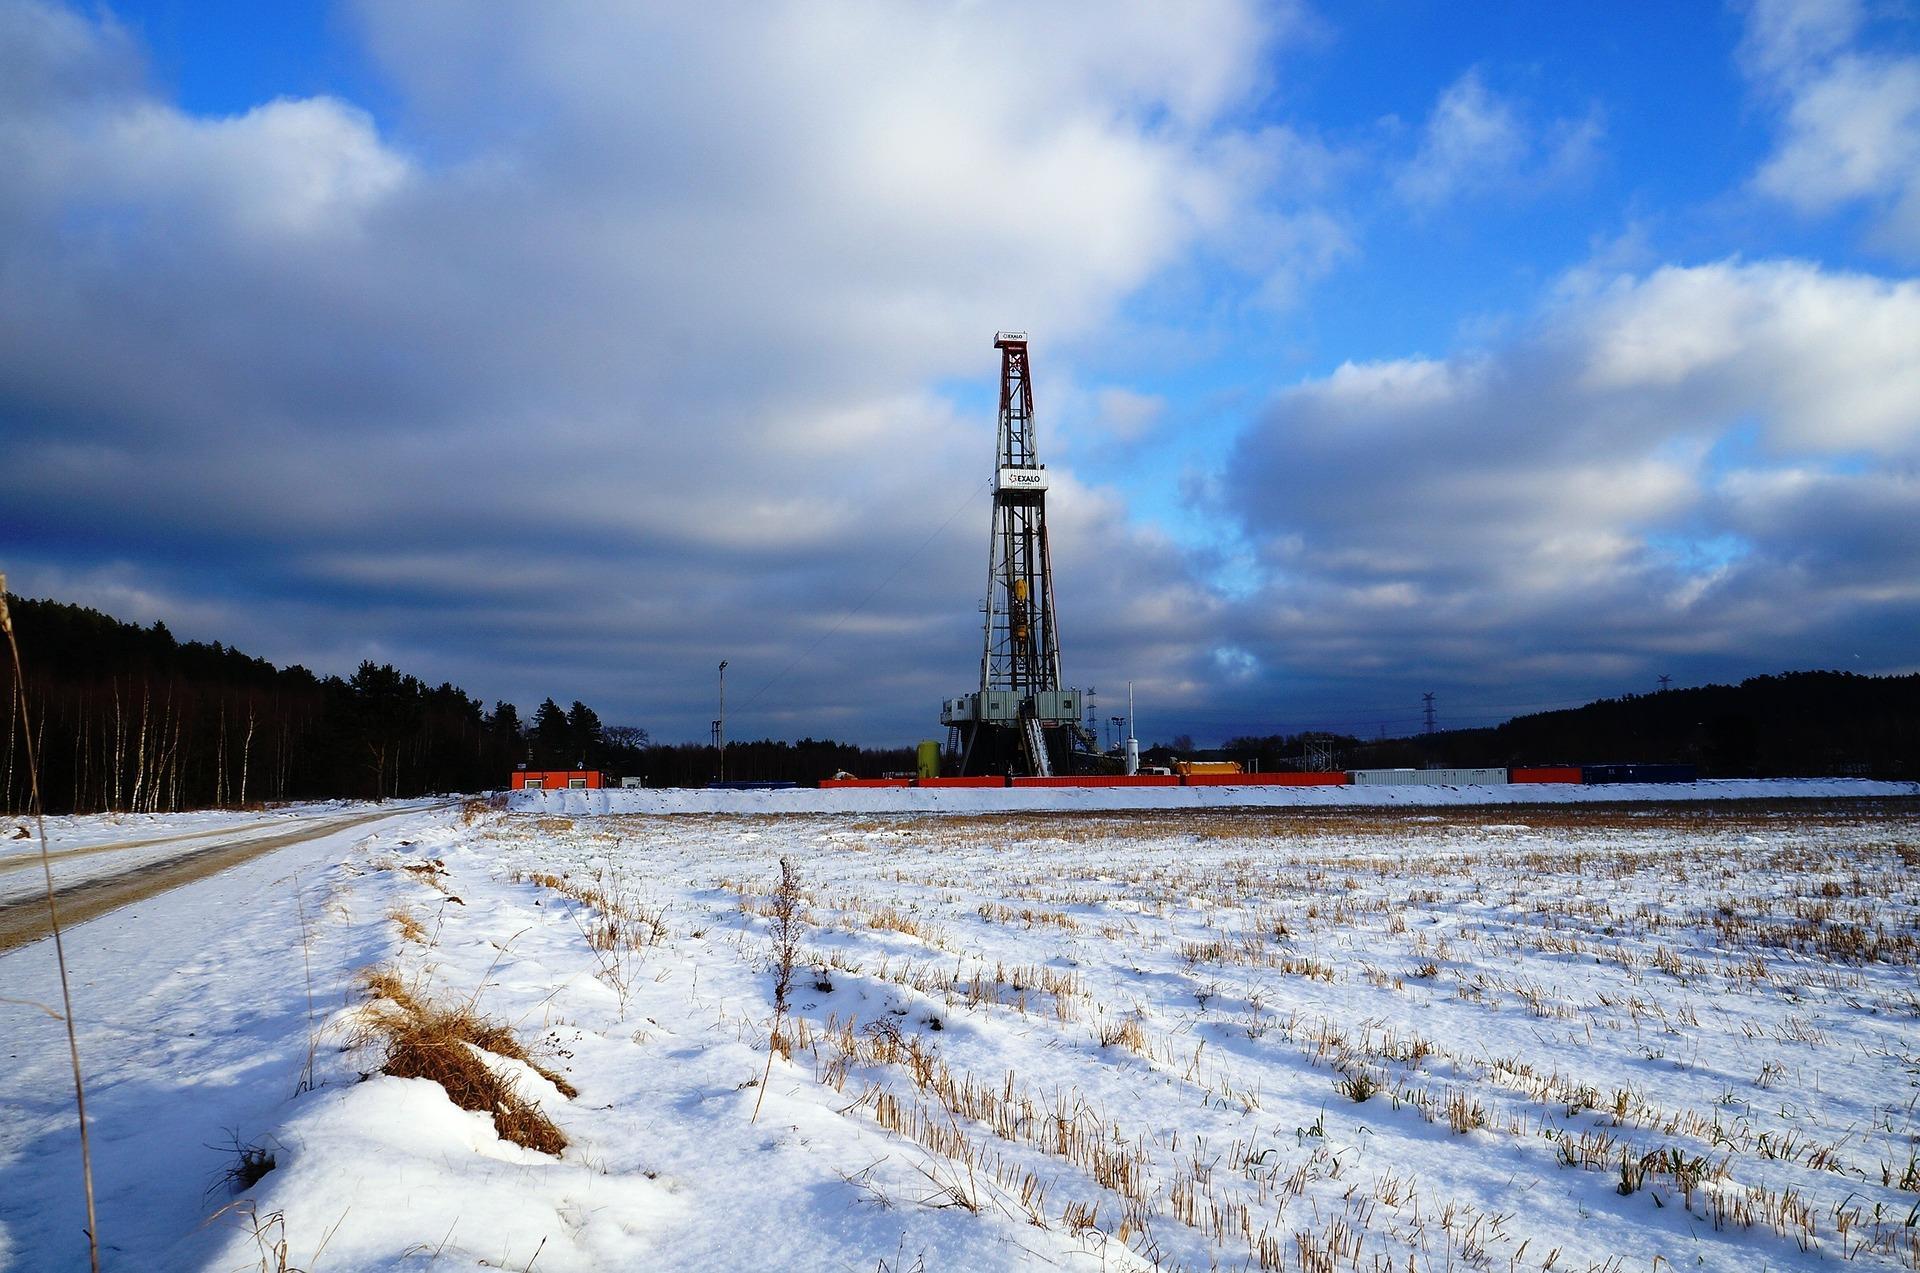 Bản tin thị trường năng lượng ngày 27/8: Giá dầu thô tăng giảm trái chiều bất chấp tồn kho giảm mạnh - Ảnh 1.